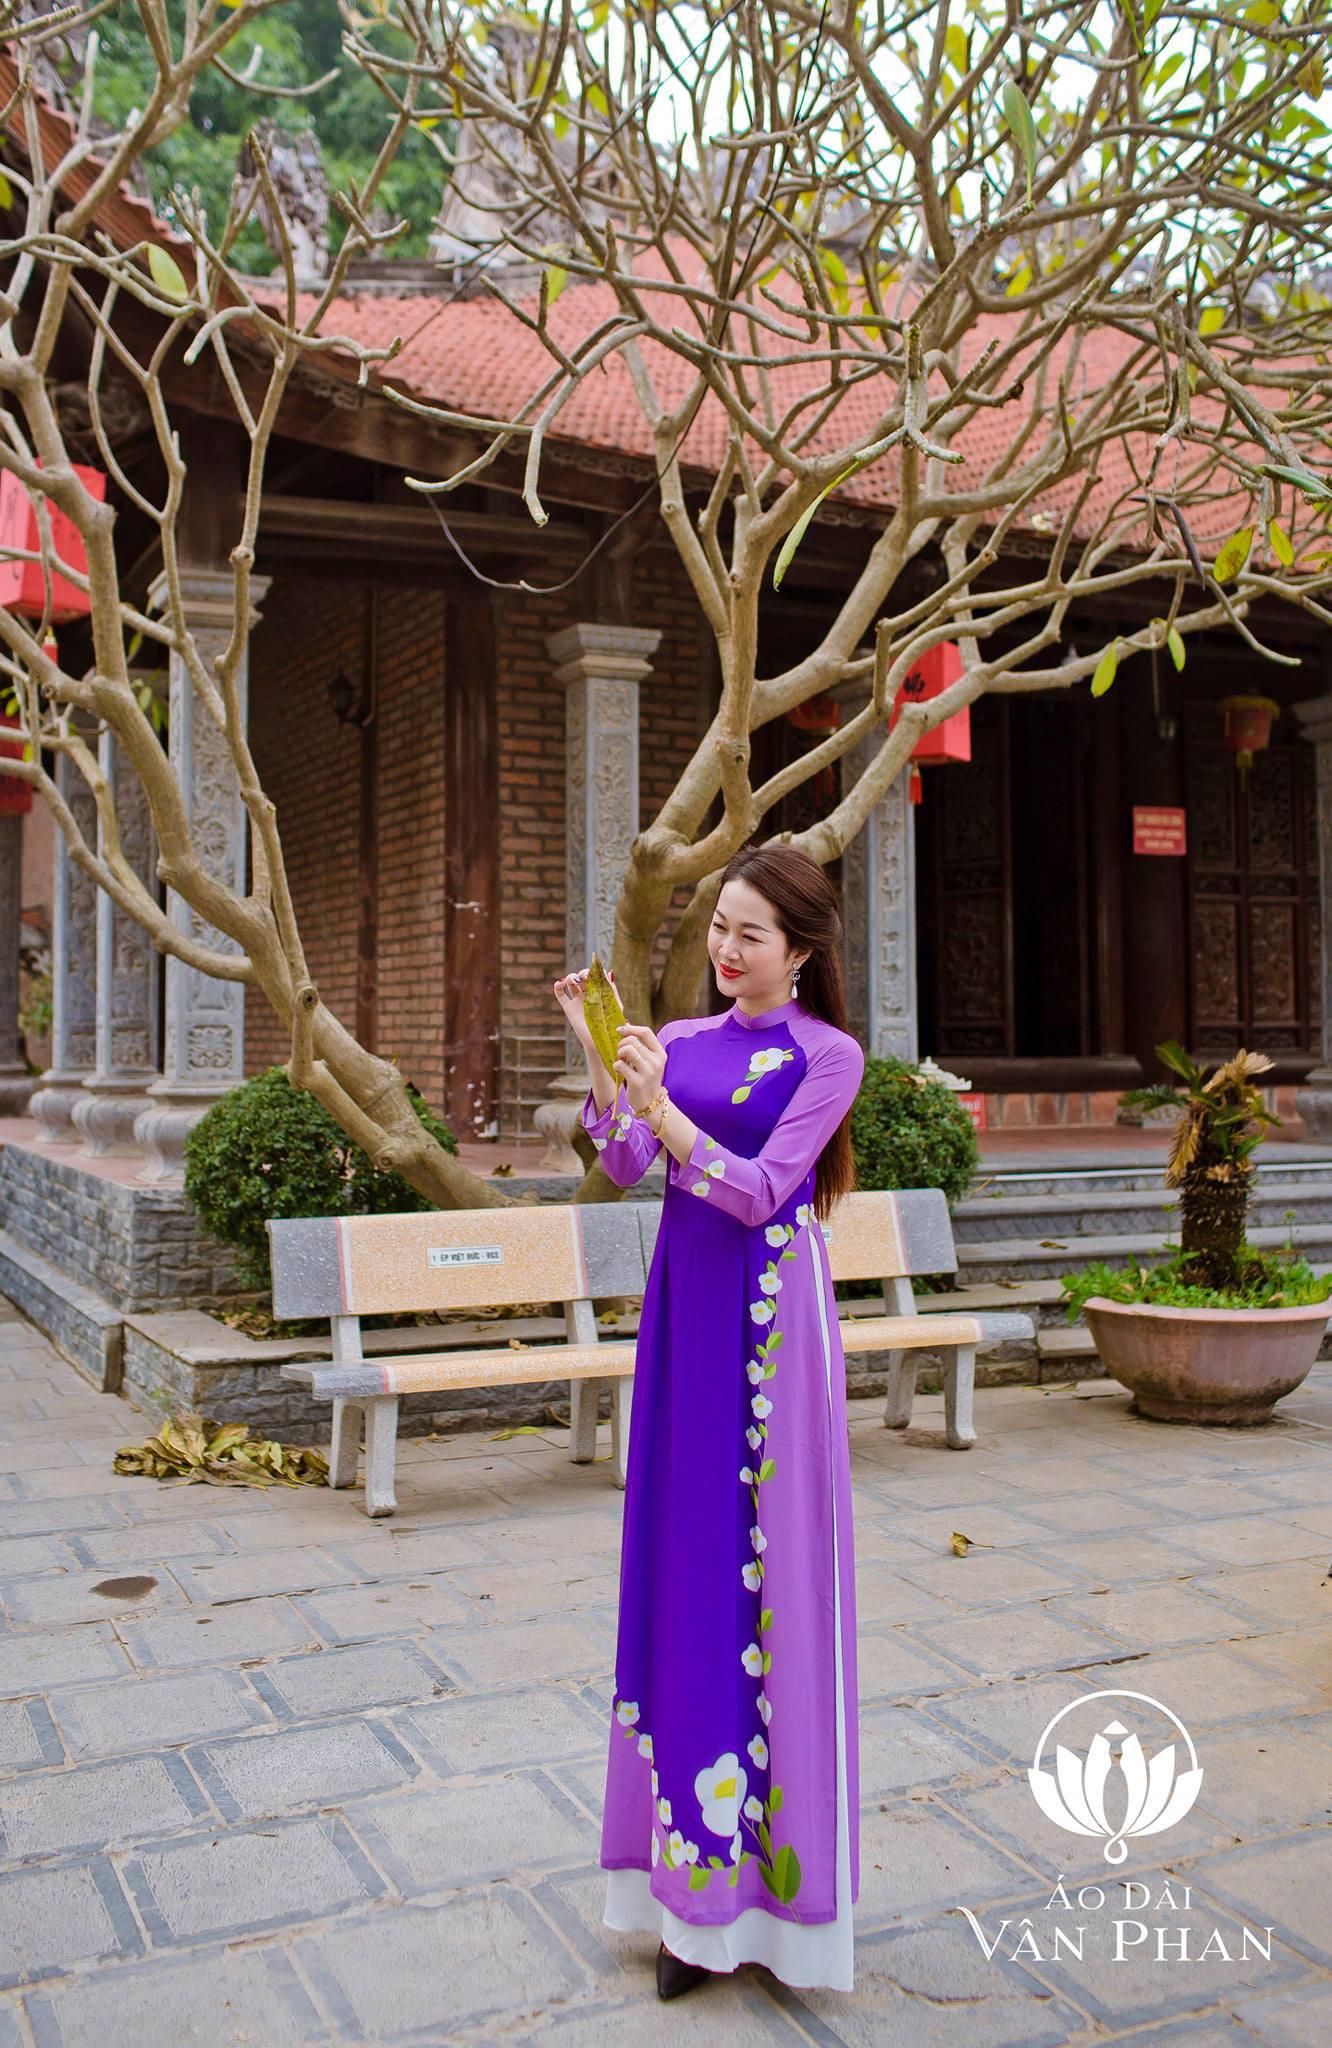 Áo Dài Vân Phan - Nơi cập nhật xu hướng thời trang cho phái đẹp - Ảnh 4.